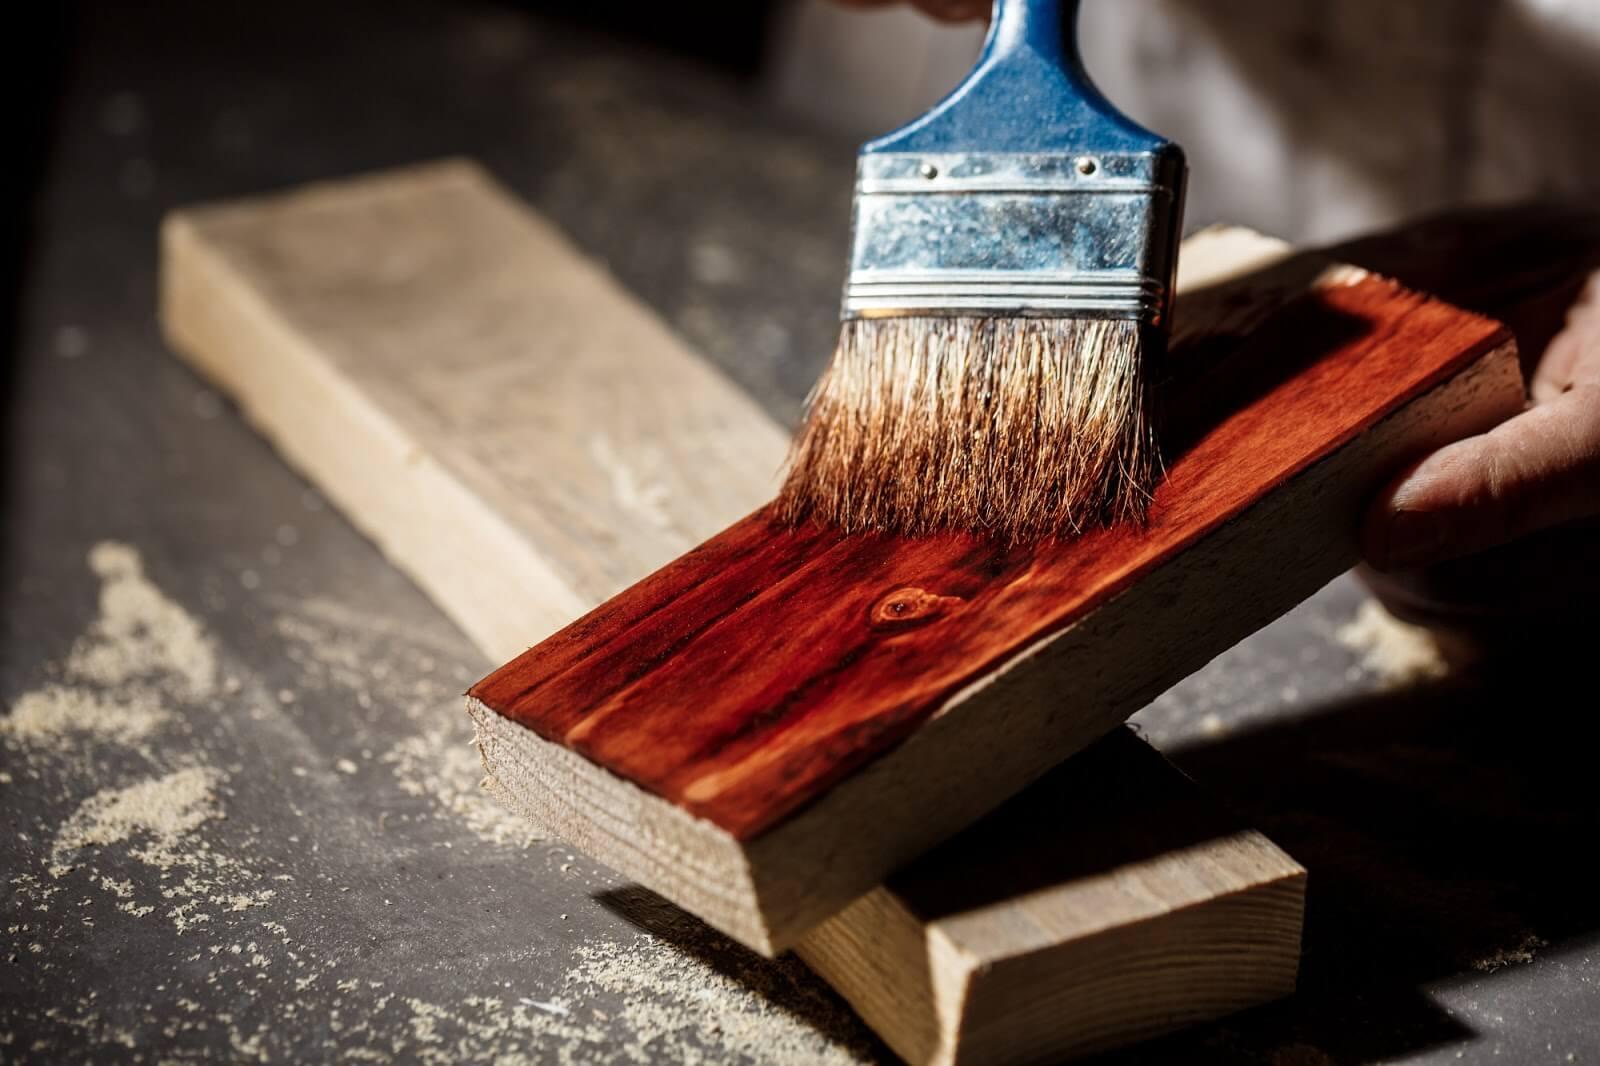 Pintura em madeira: saiba como preparar a superfície